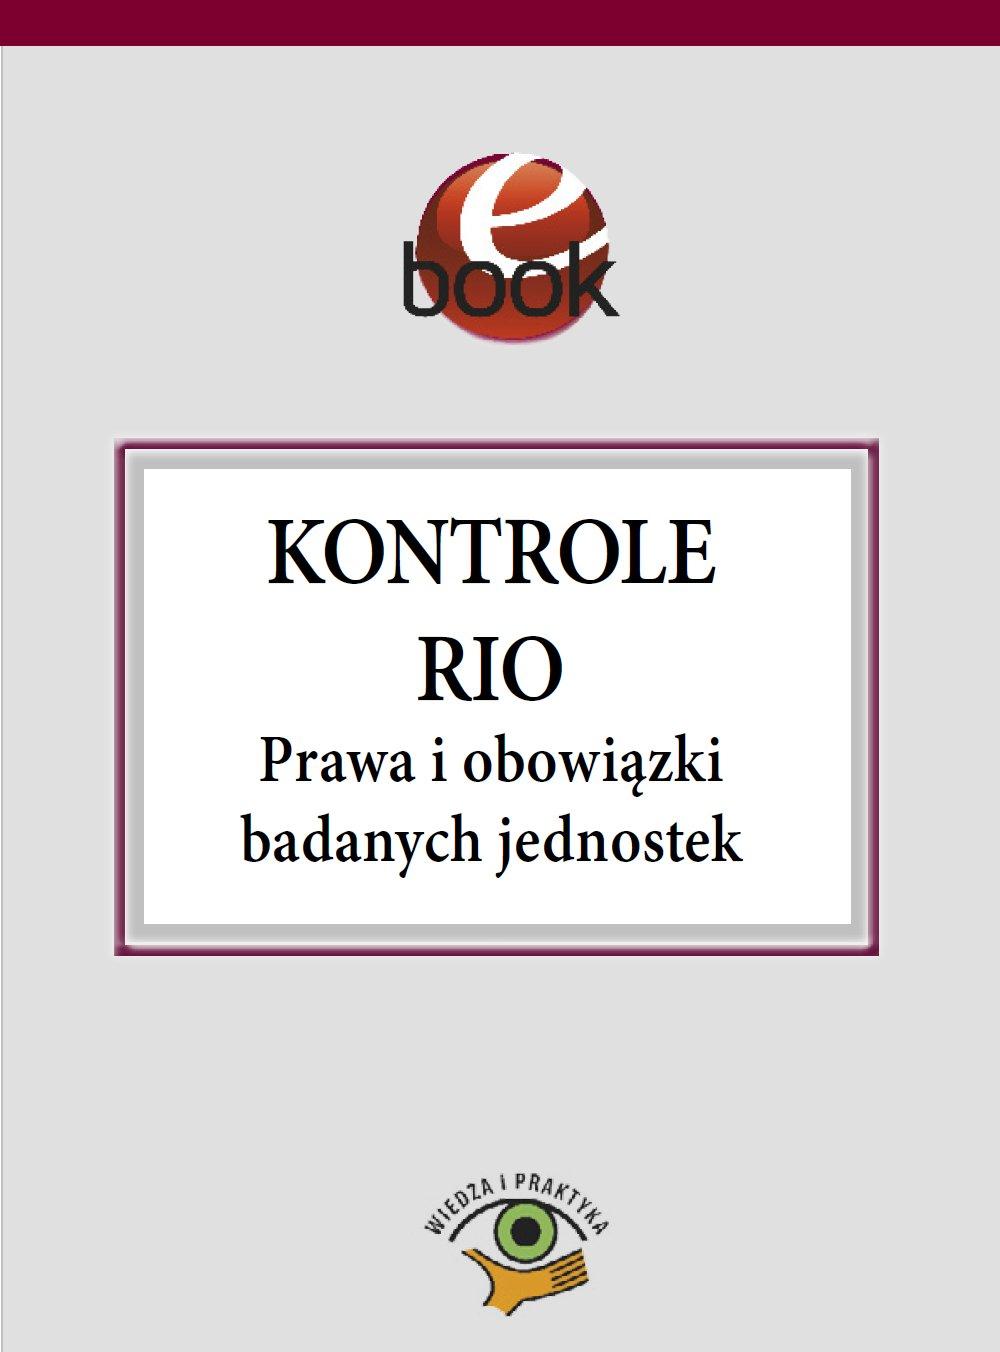 Kontrole RIO. Prawa i obowiązki badanych jednostek - Ebook (Książka PDF) do pobrania w formacie PDF